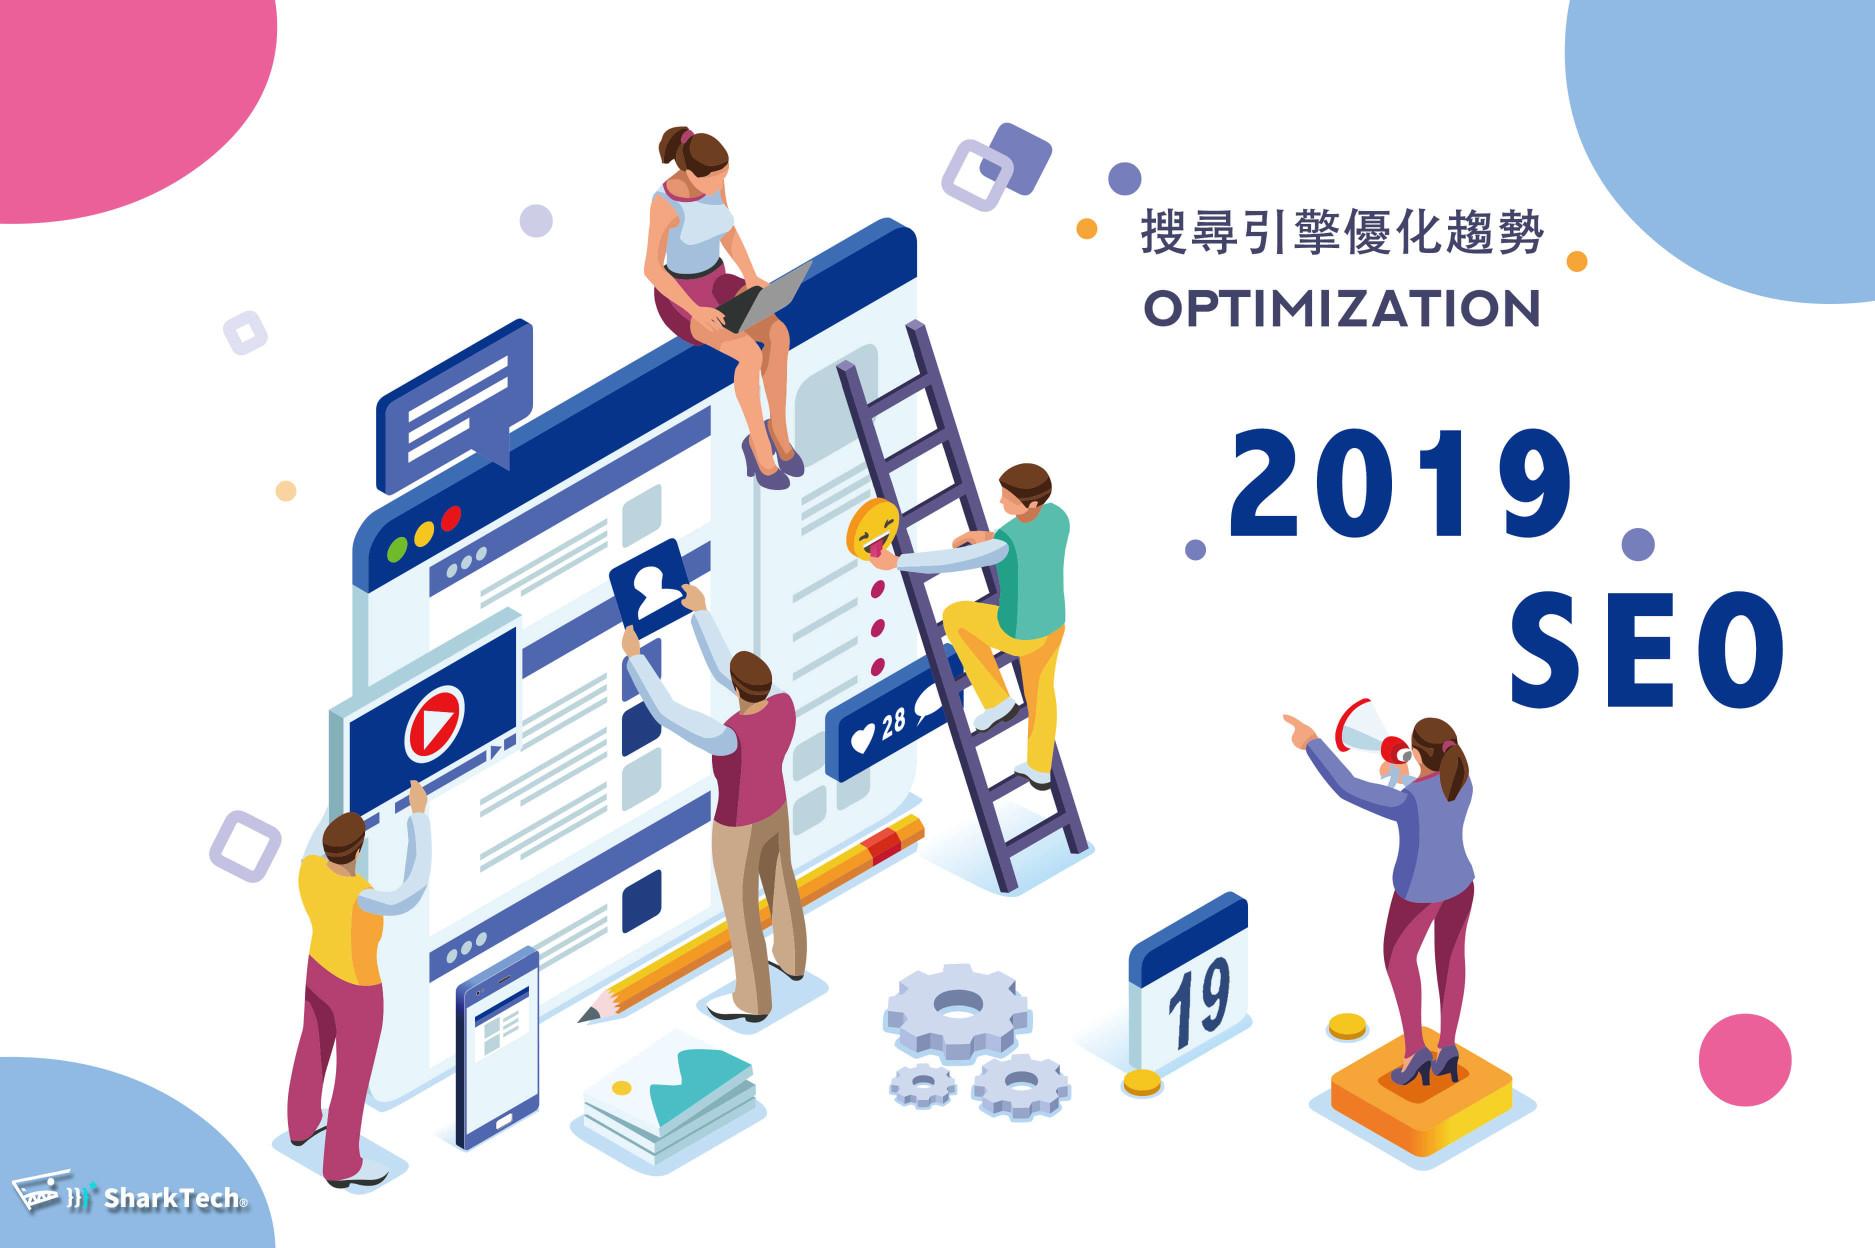 SEO搜尋引擎優化公司首圖-鯊客科技SEO優化公司